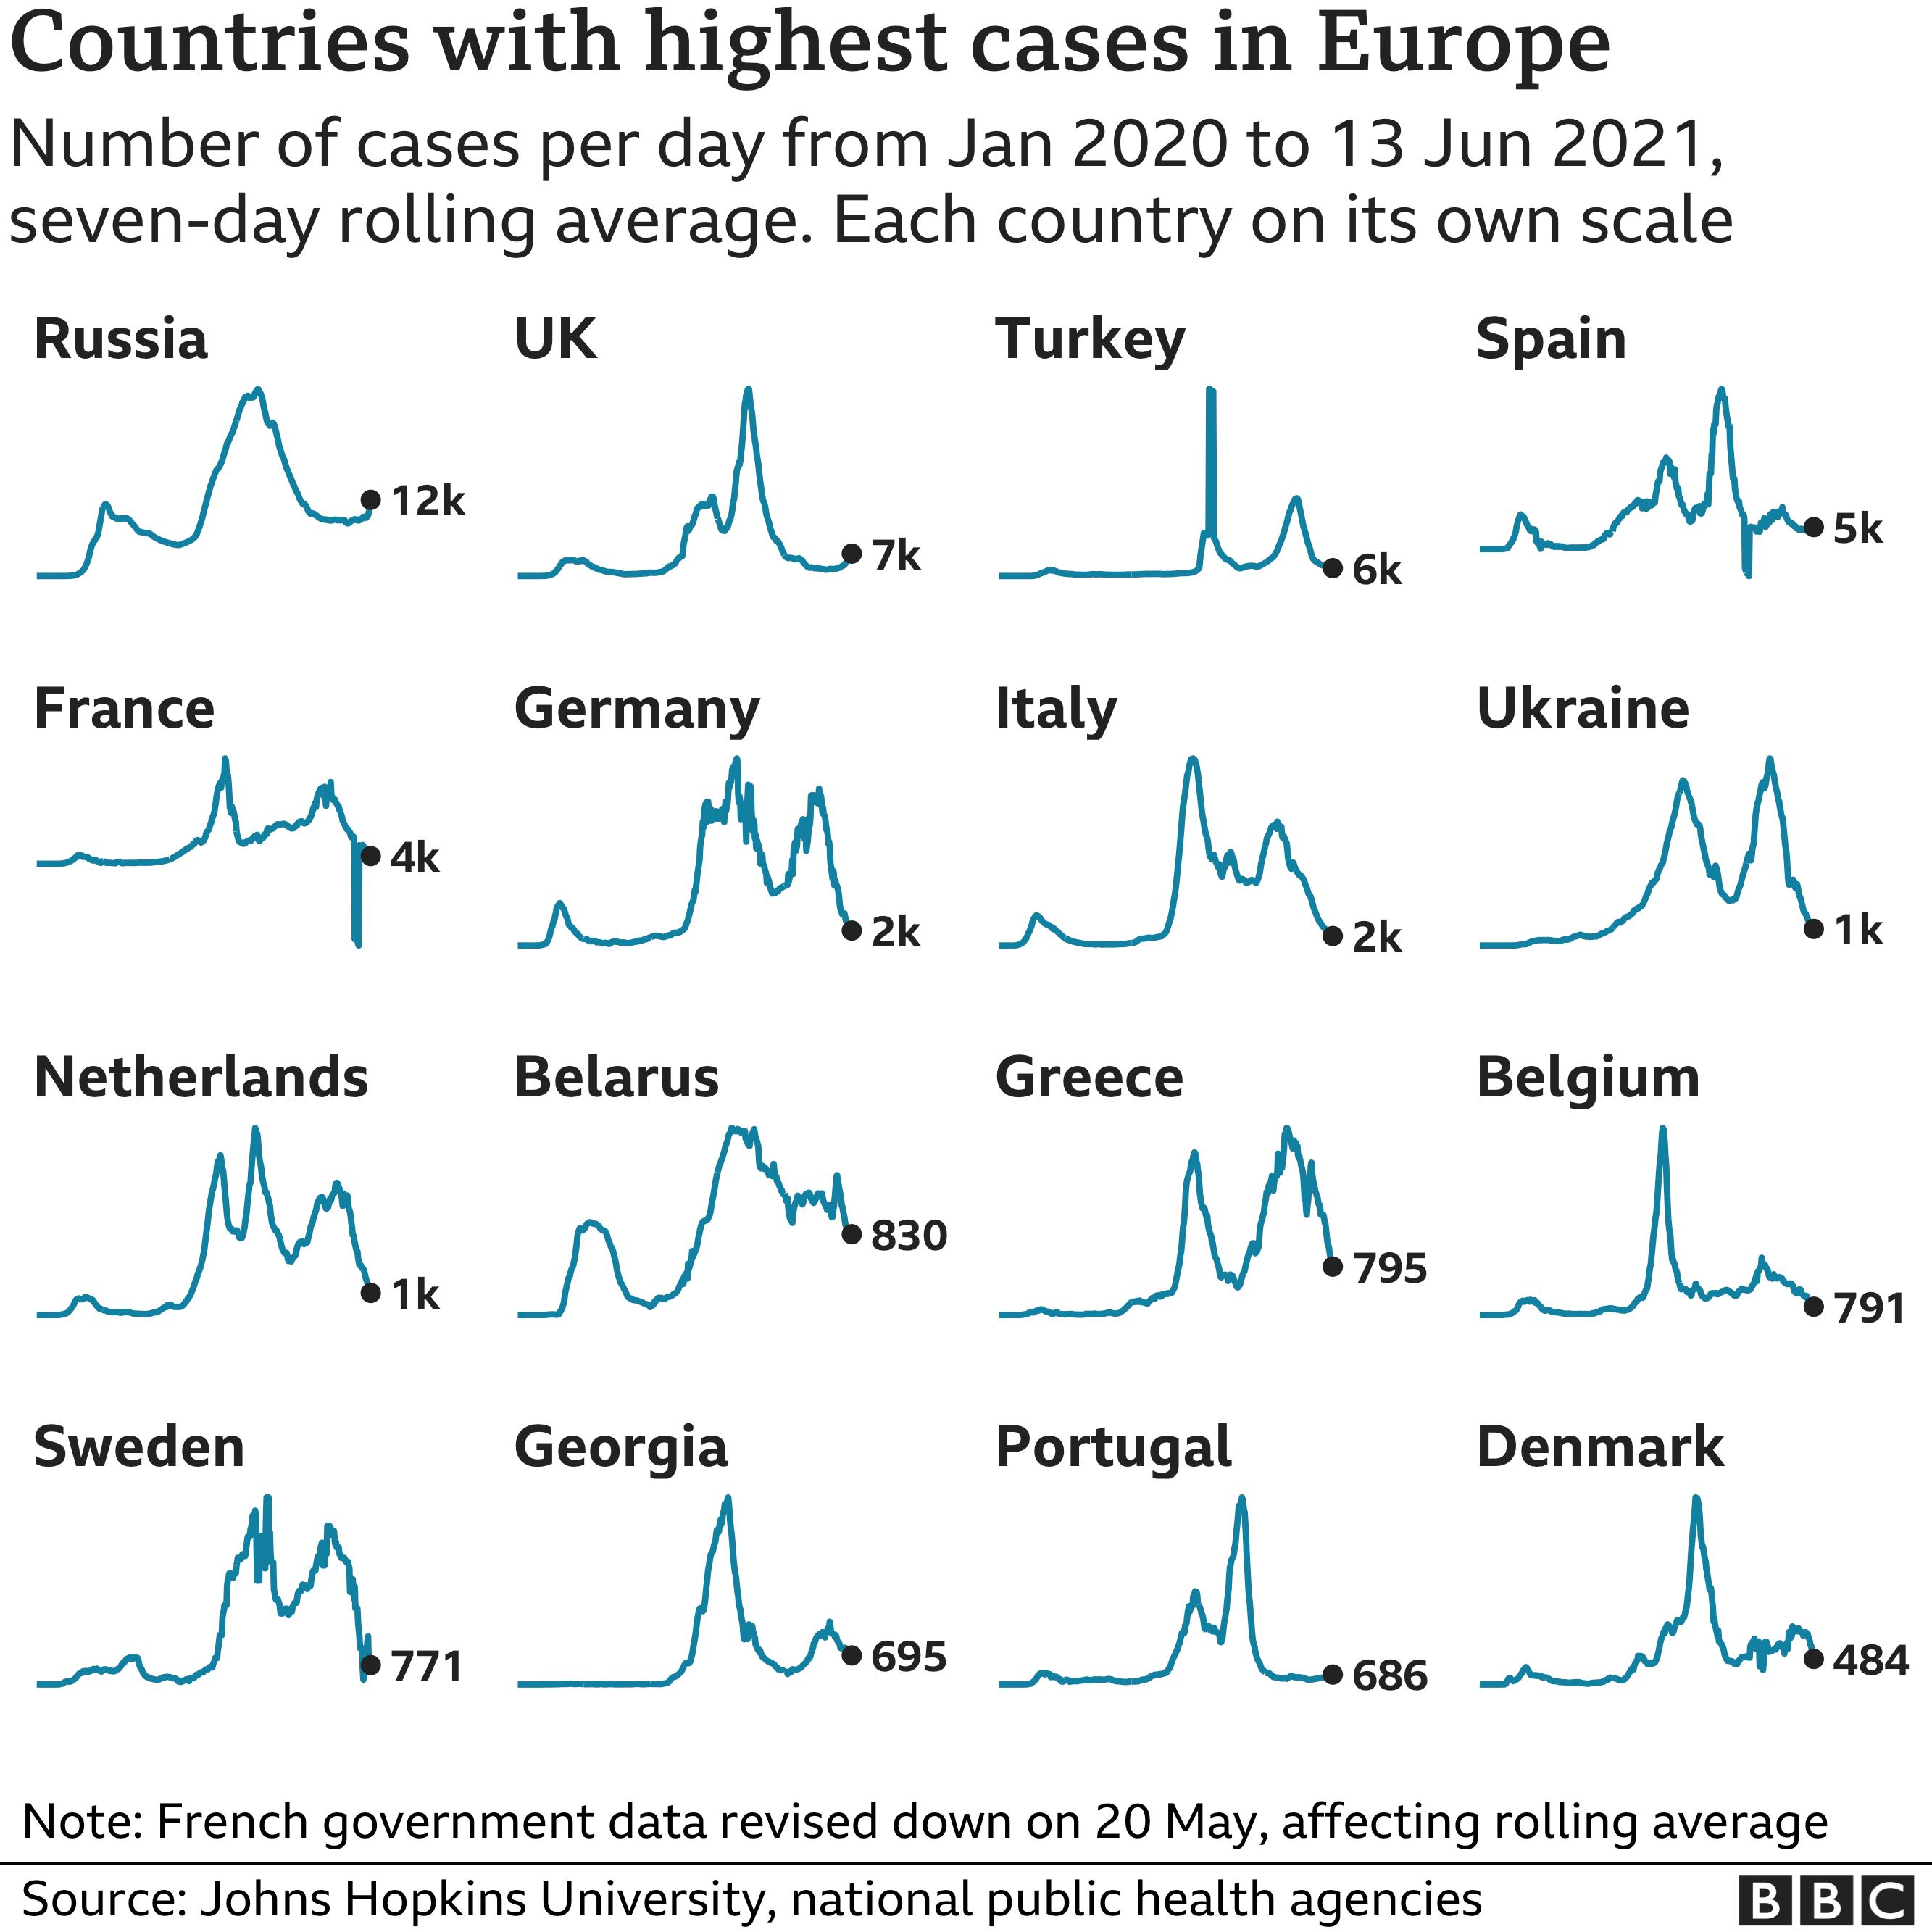 Coronavirus case numbers in various European countries